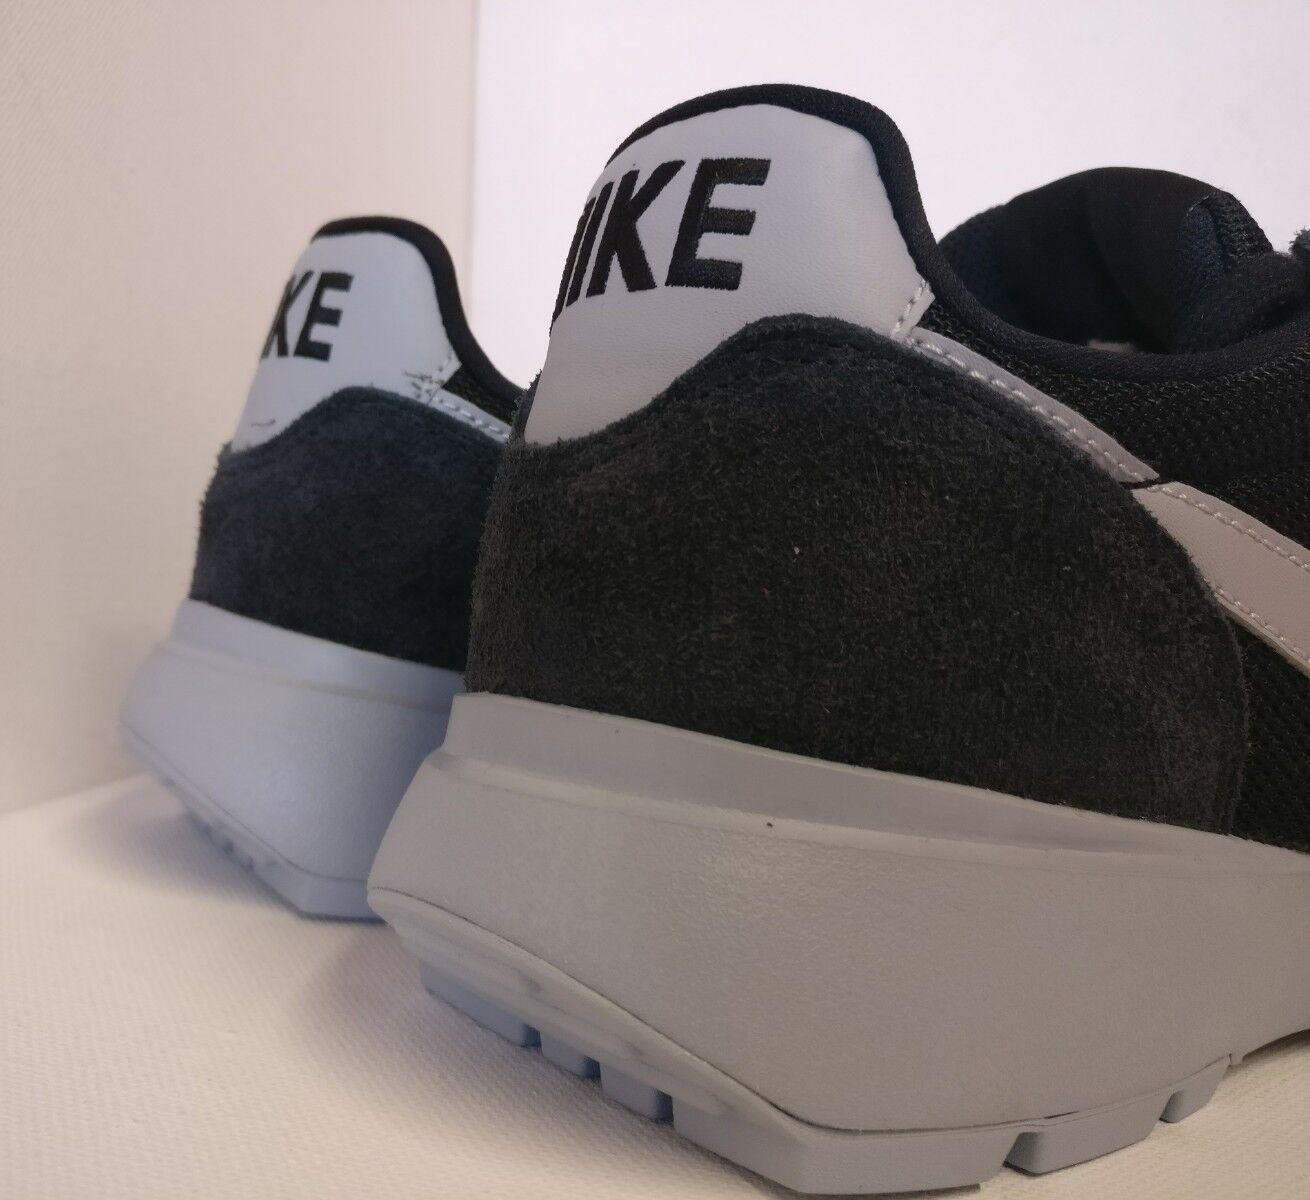 Nike lavadome ultra - grau schwarz - grau - - schwarz 844574002 wolf a6e37d